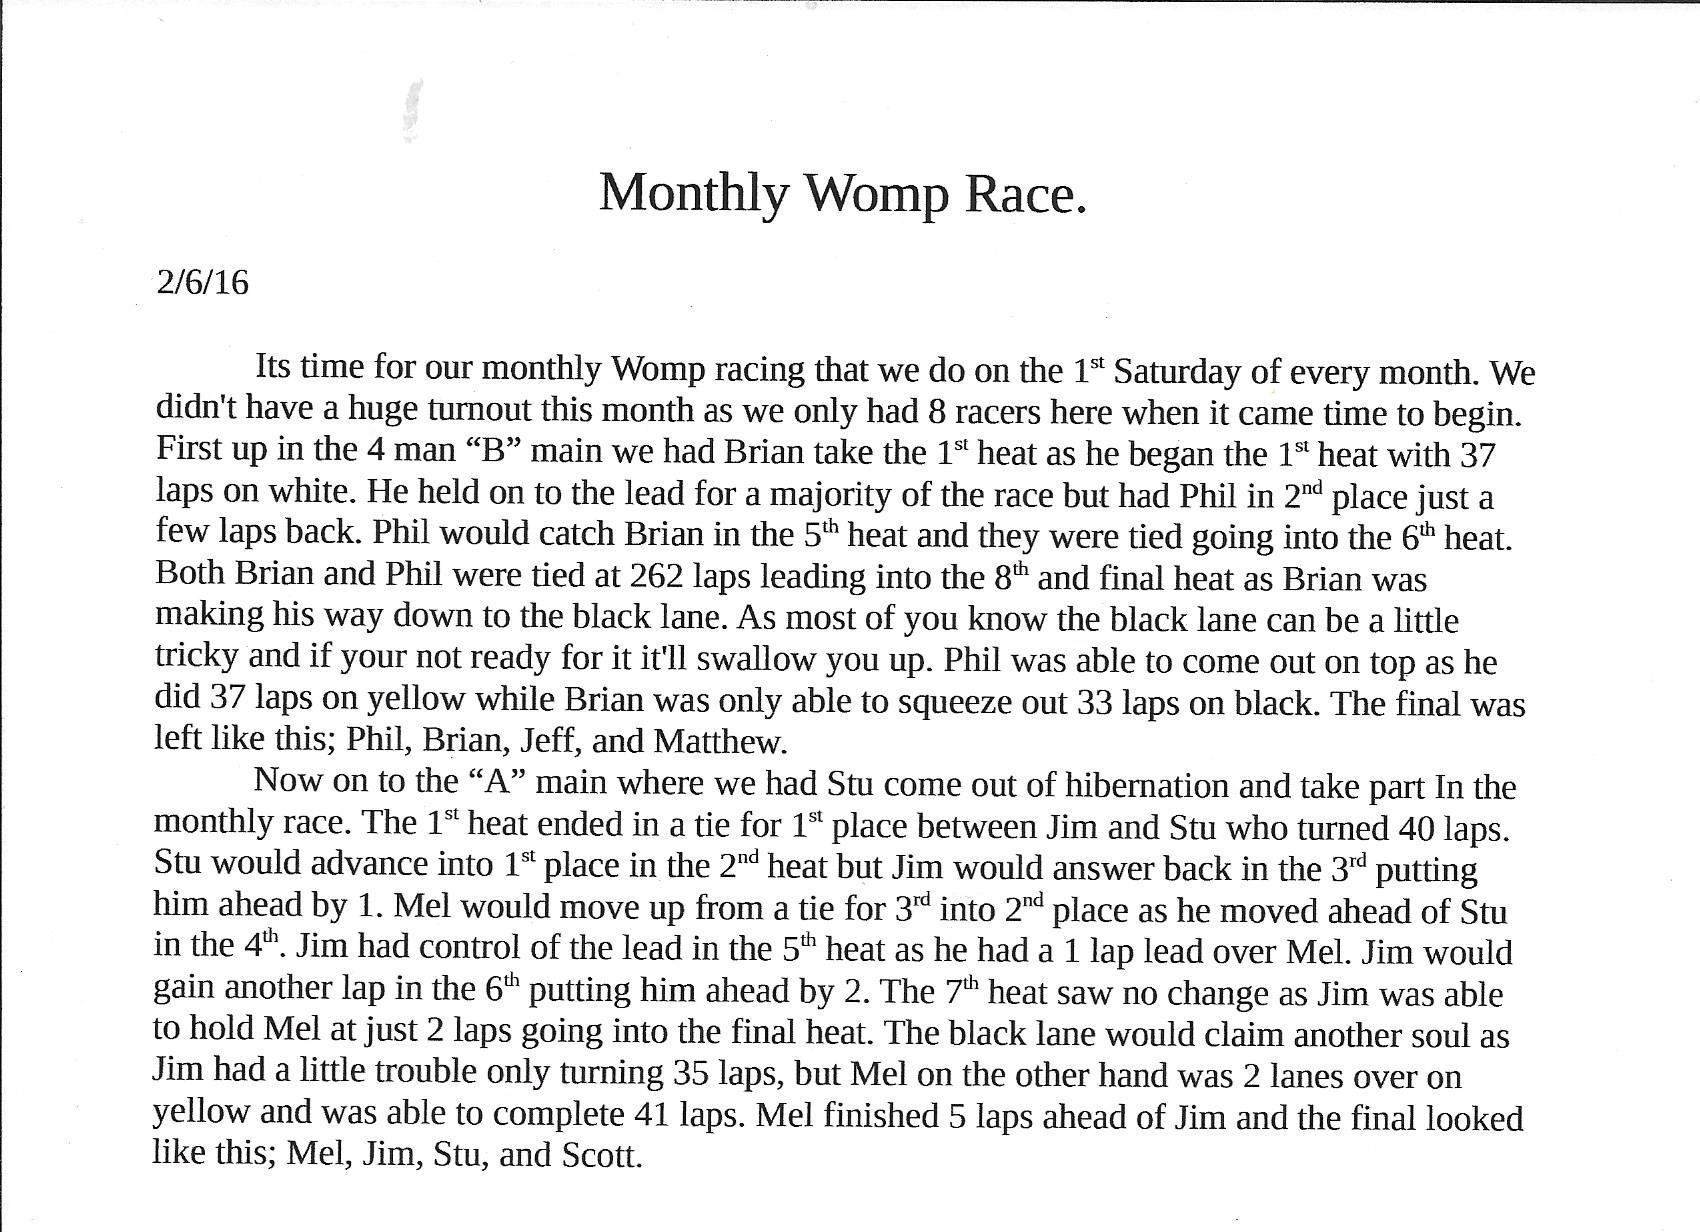 2616 womp recap.jpg